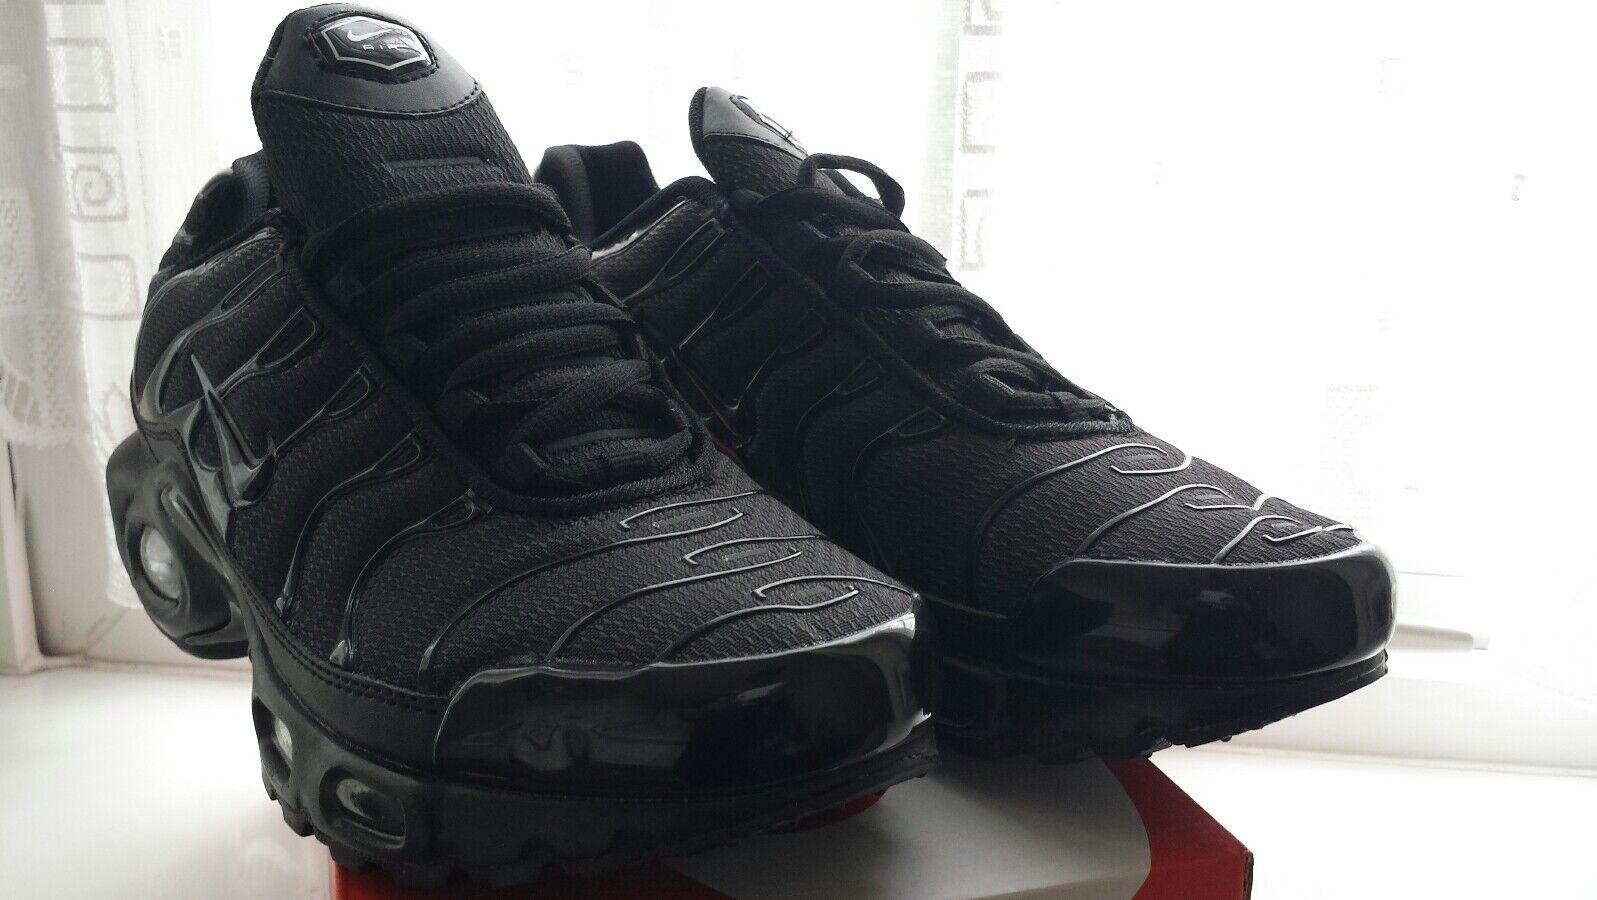 Bnwb Nike Air Max TN TN Max Plus Size 9 triple negro modelo mas vendido de la marca dab1ae